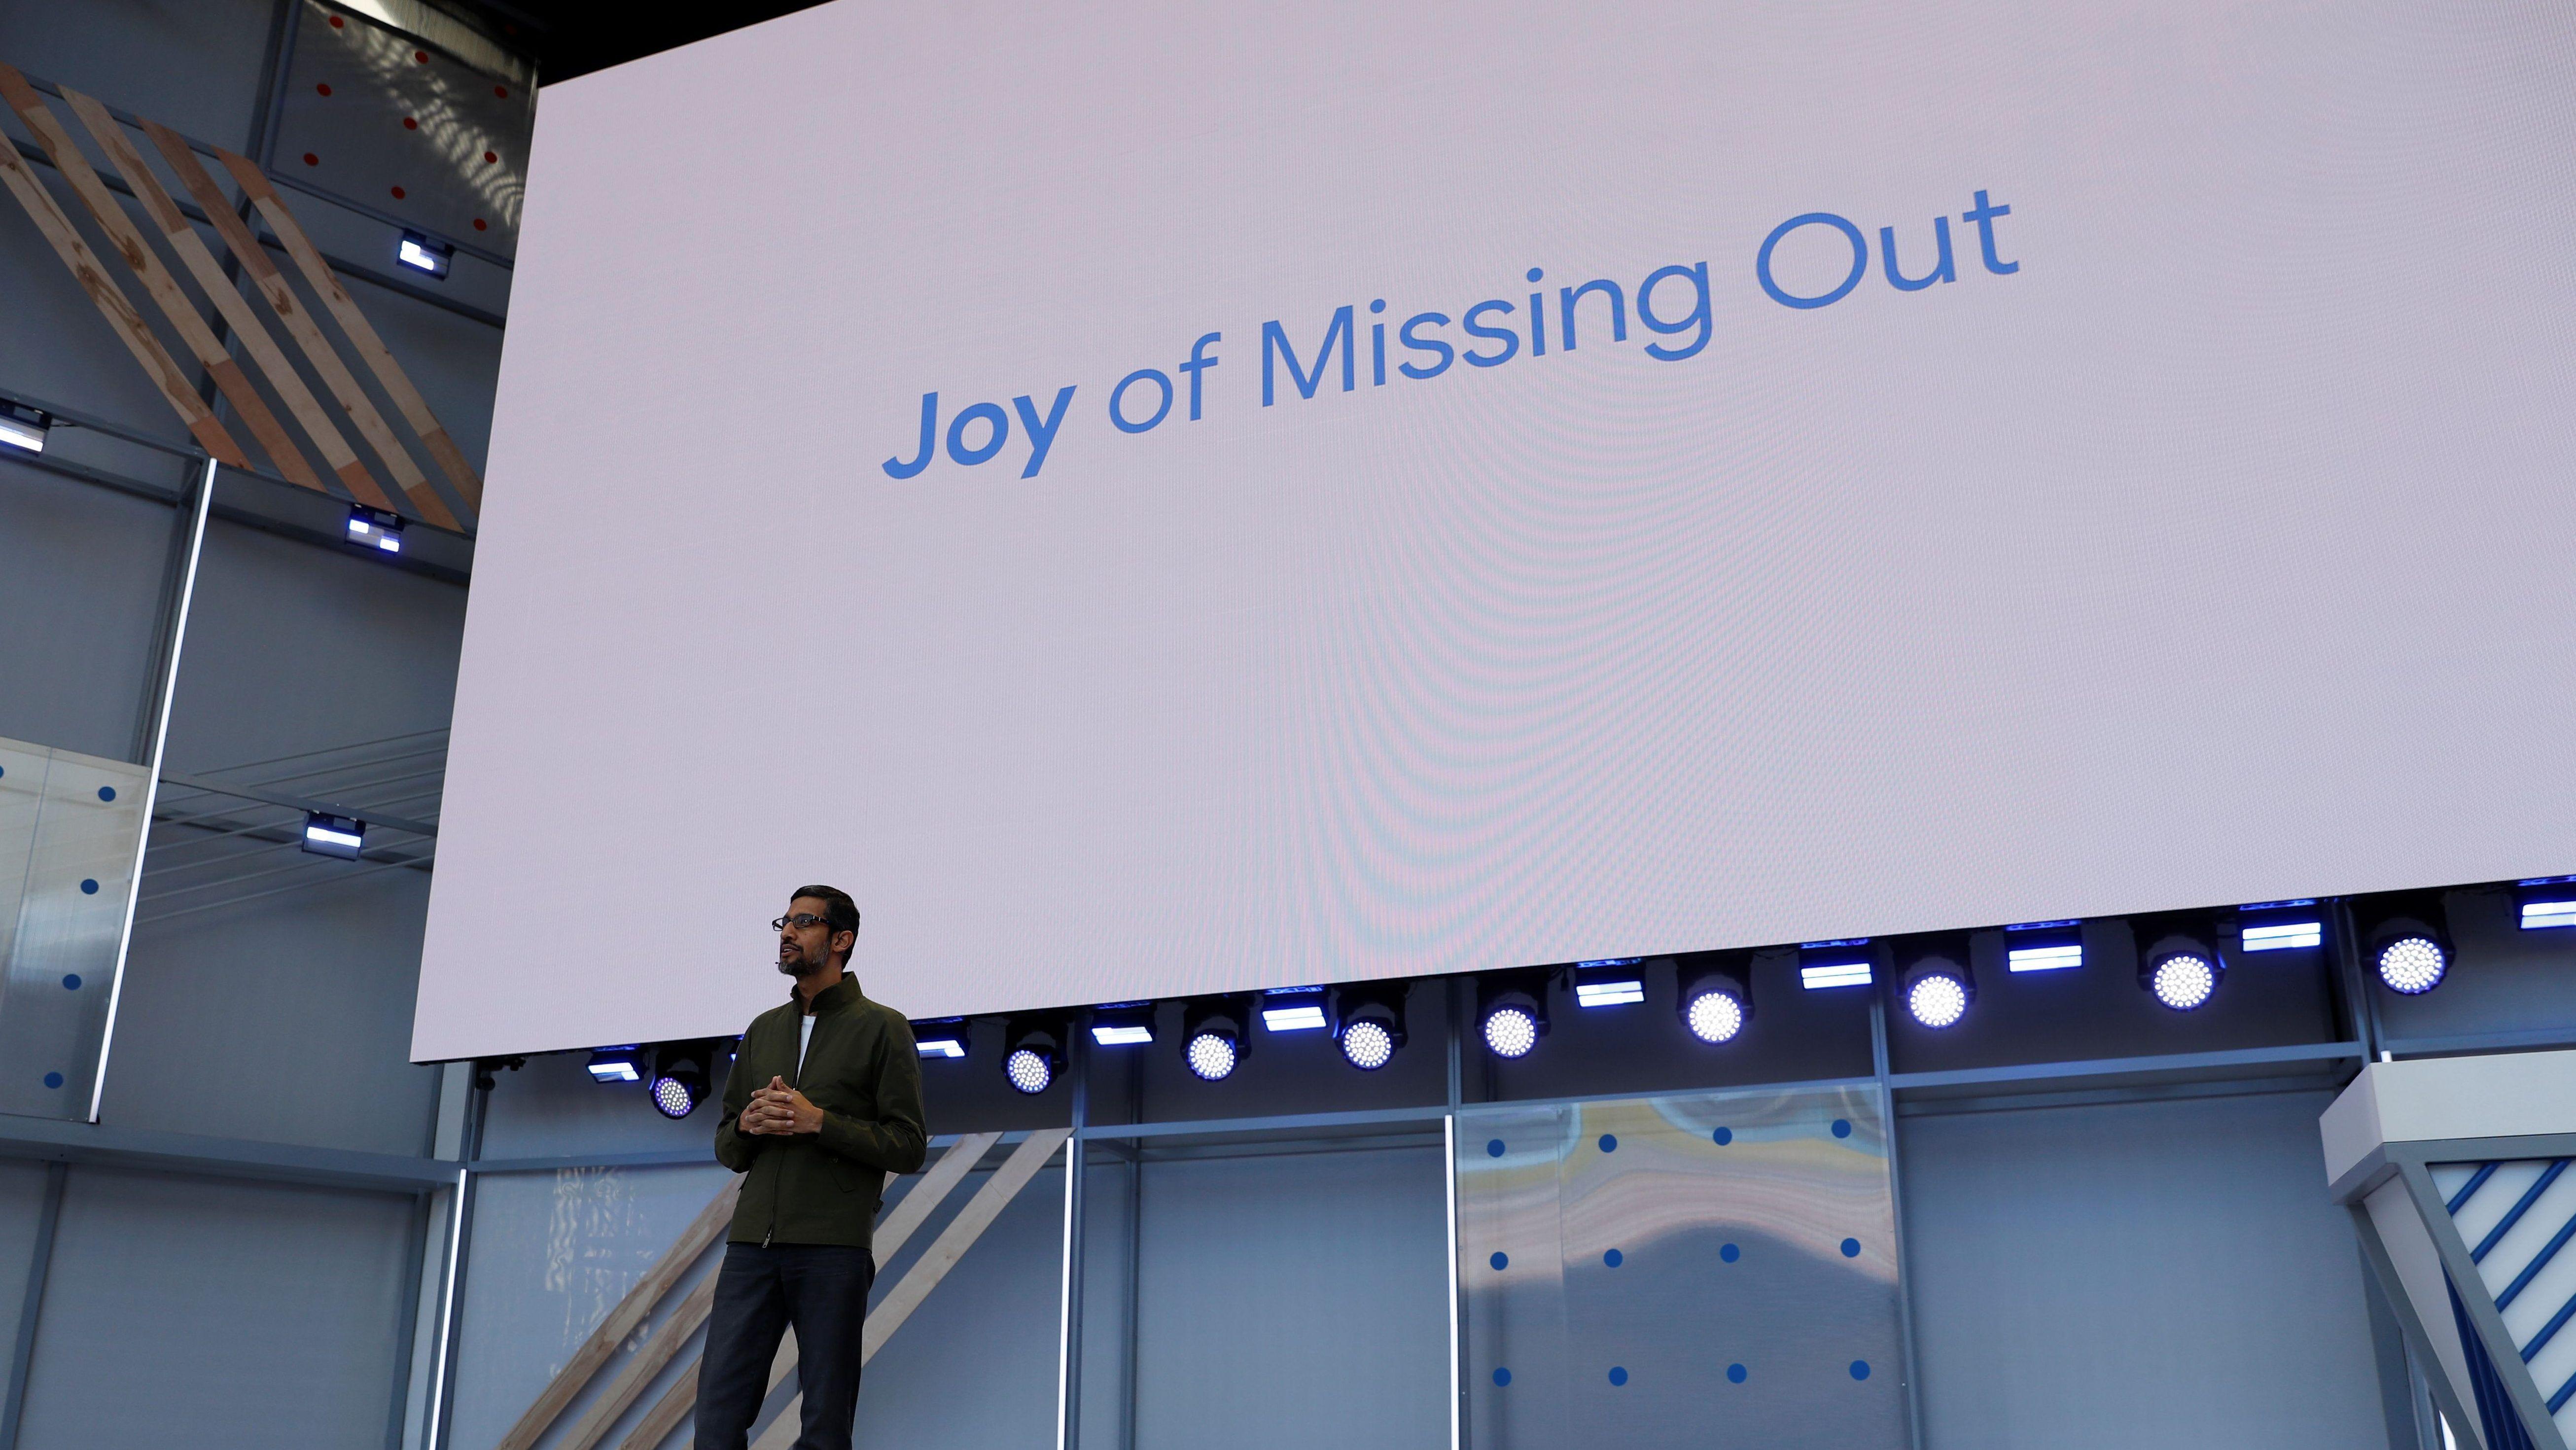 Le PDG de Google, Sundar Pichai, prend la parole lors de la conférence annuelle des développeurs d'E / S de Google à Mountain View, en Californie, le 8 mai 2018. REUTERS / Stephen Lam - RC1429AA3000